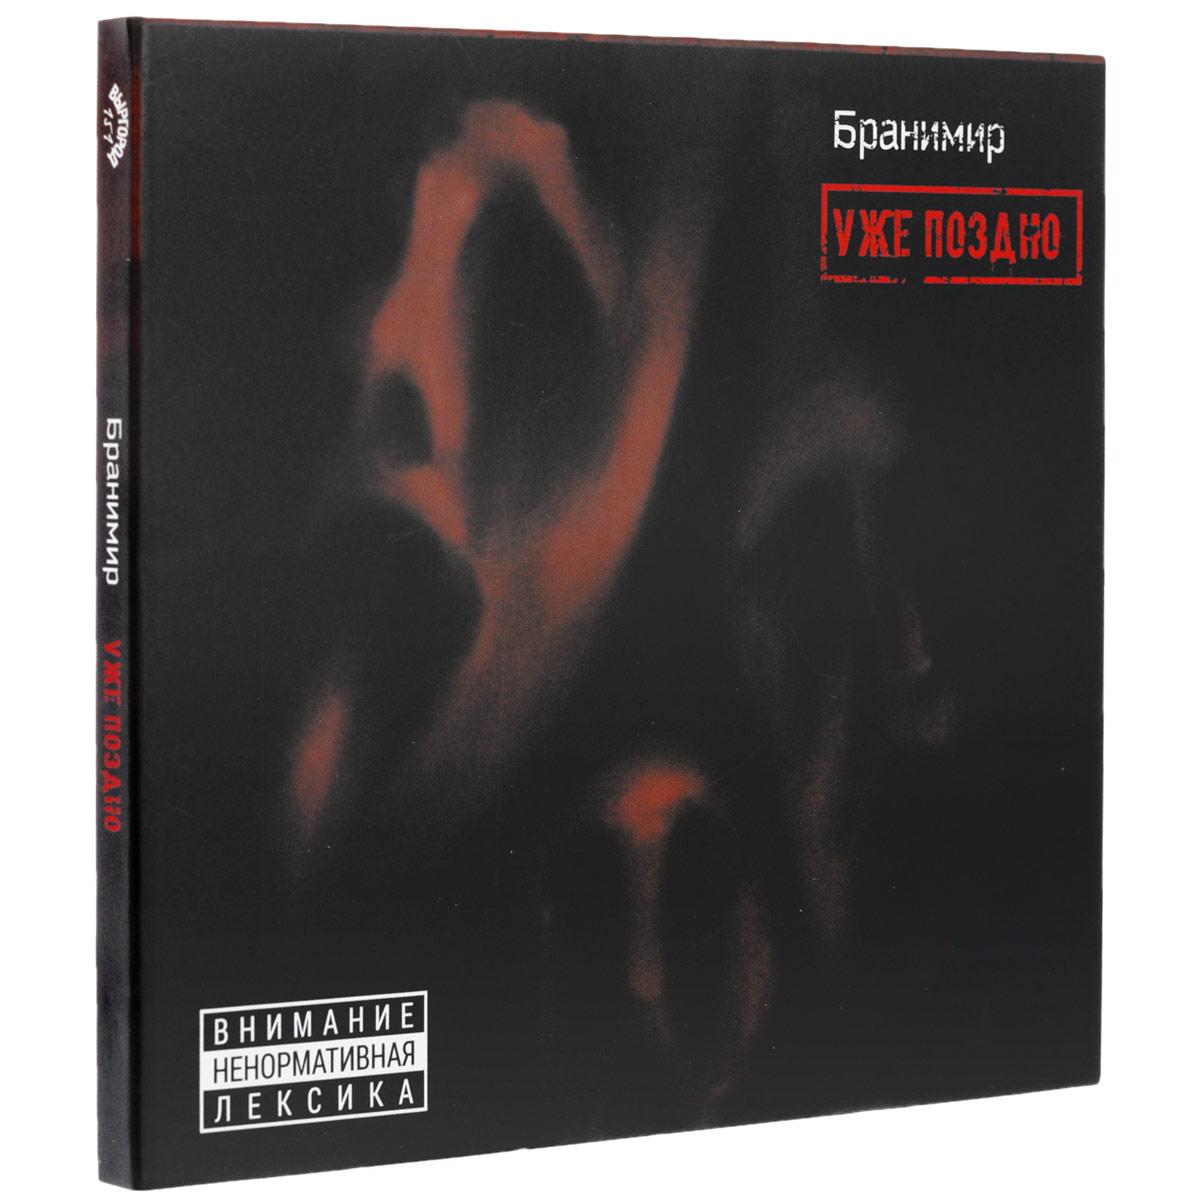 Издание содержит 4-страничный буклет с текстами песен.